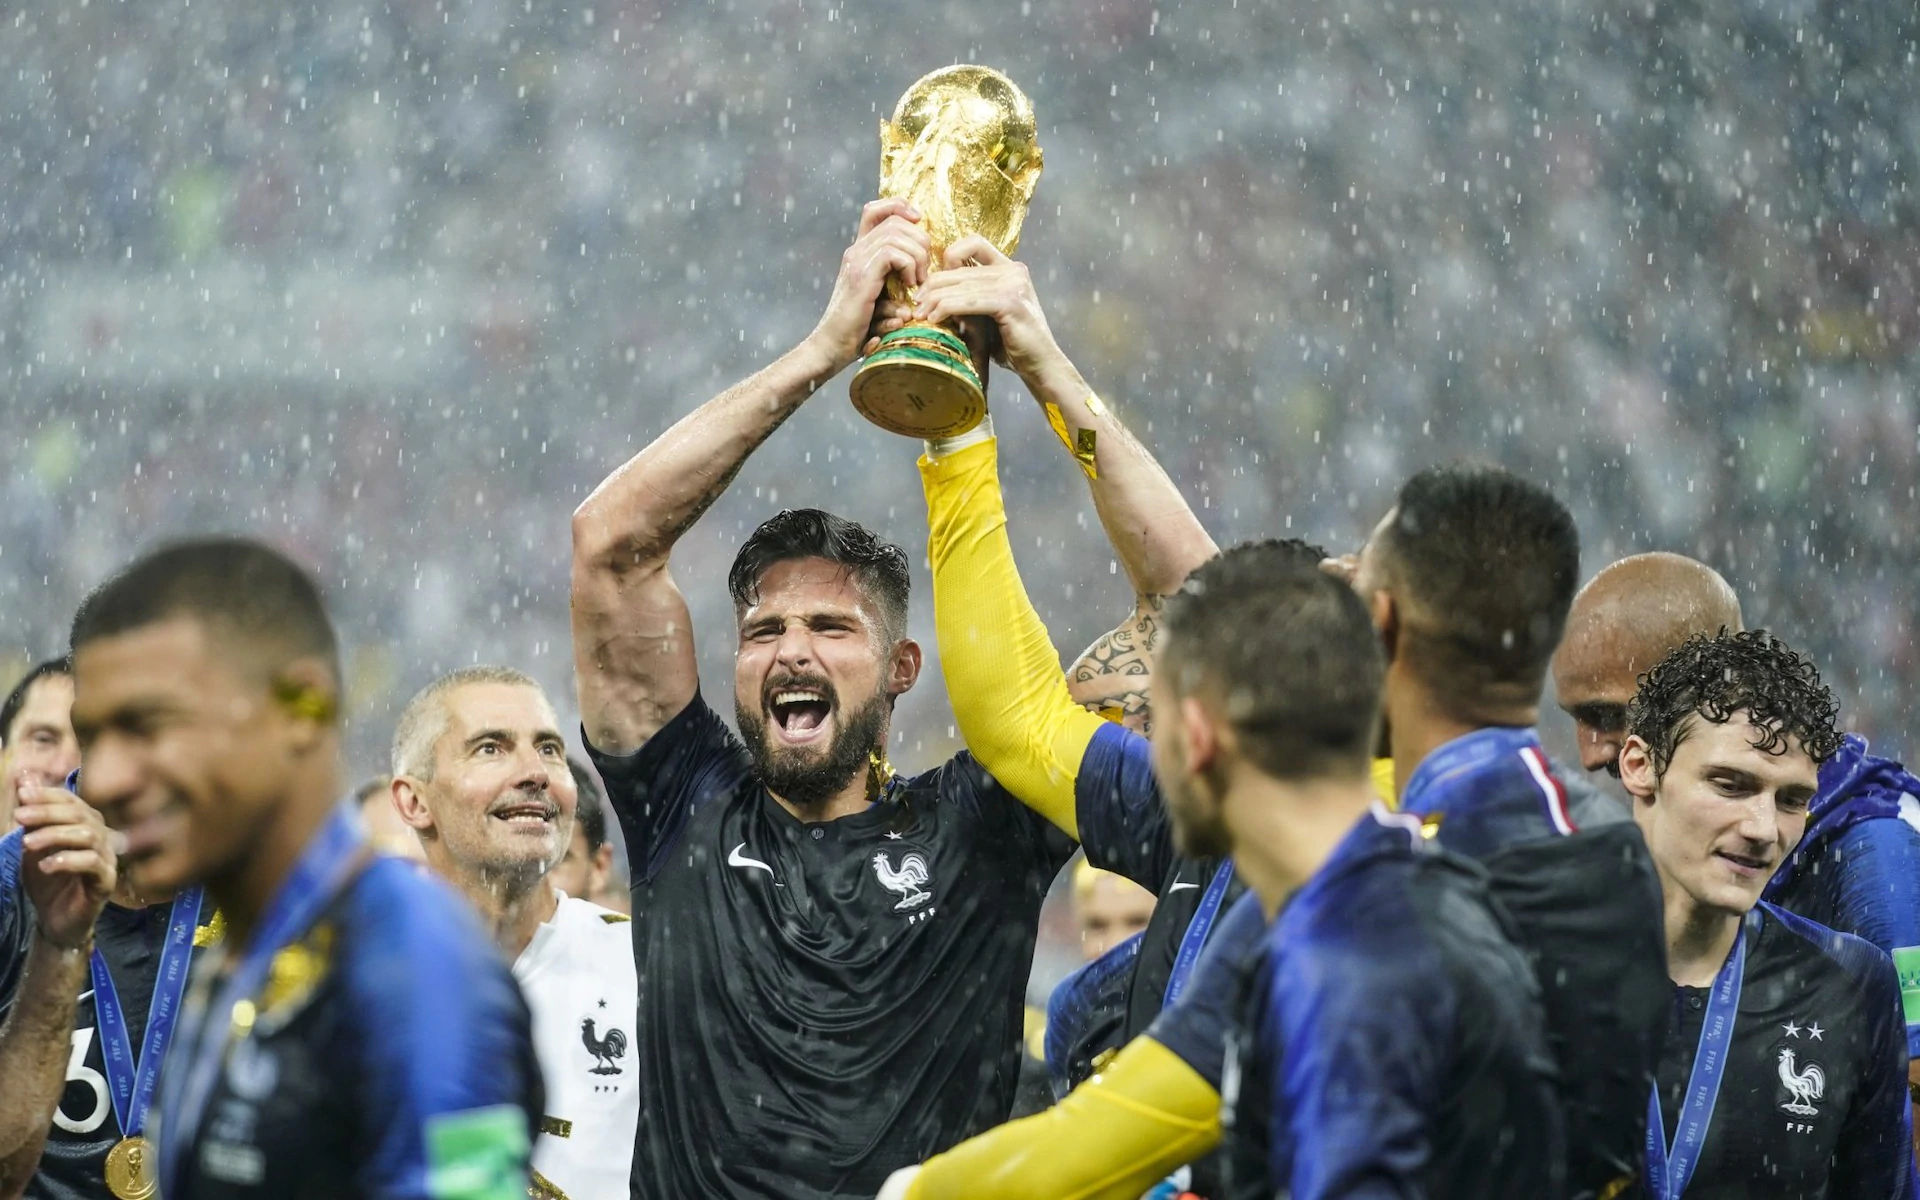 吉鲁:捧世界杯童年梦想成真 不进球依然有价值